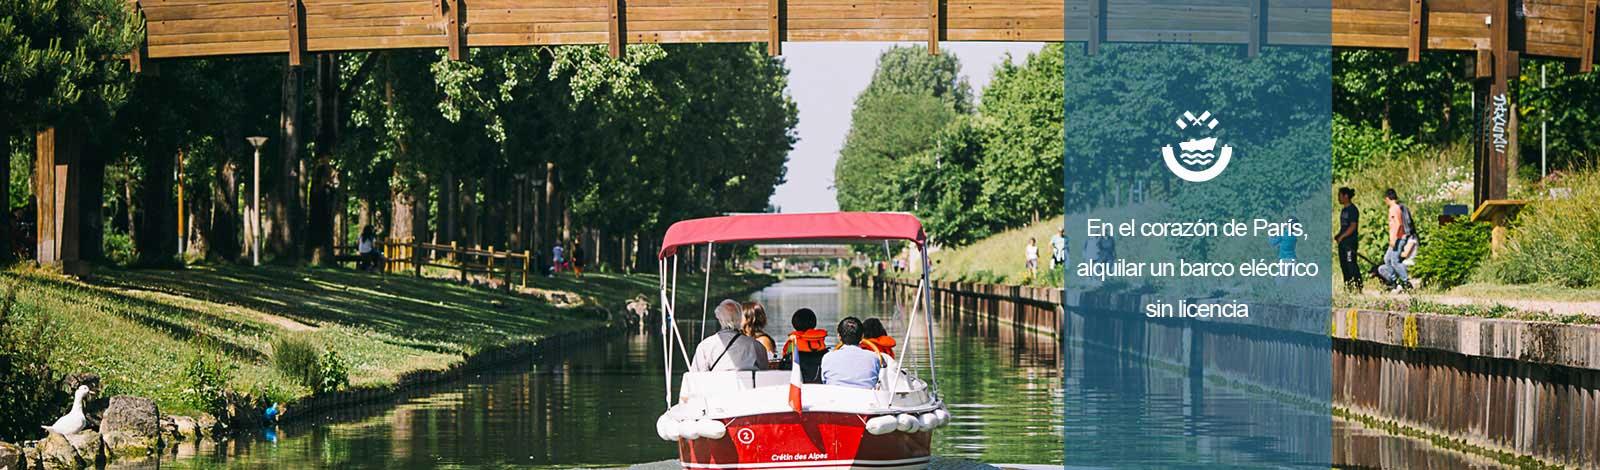 Barco debajo de un puente